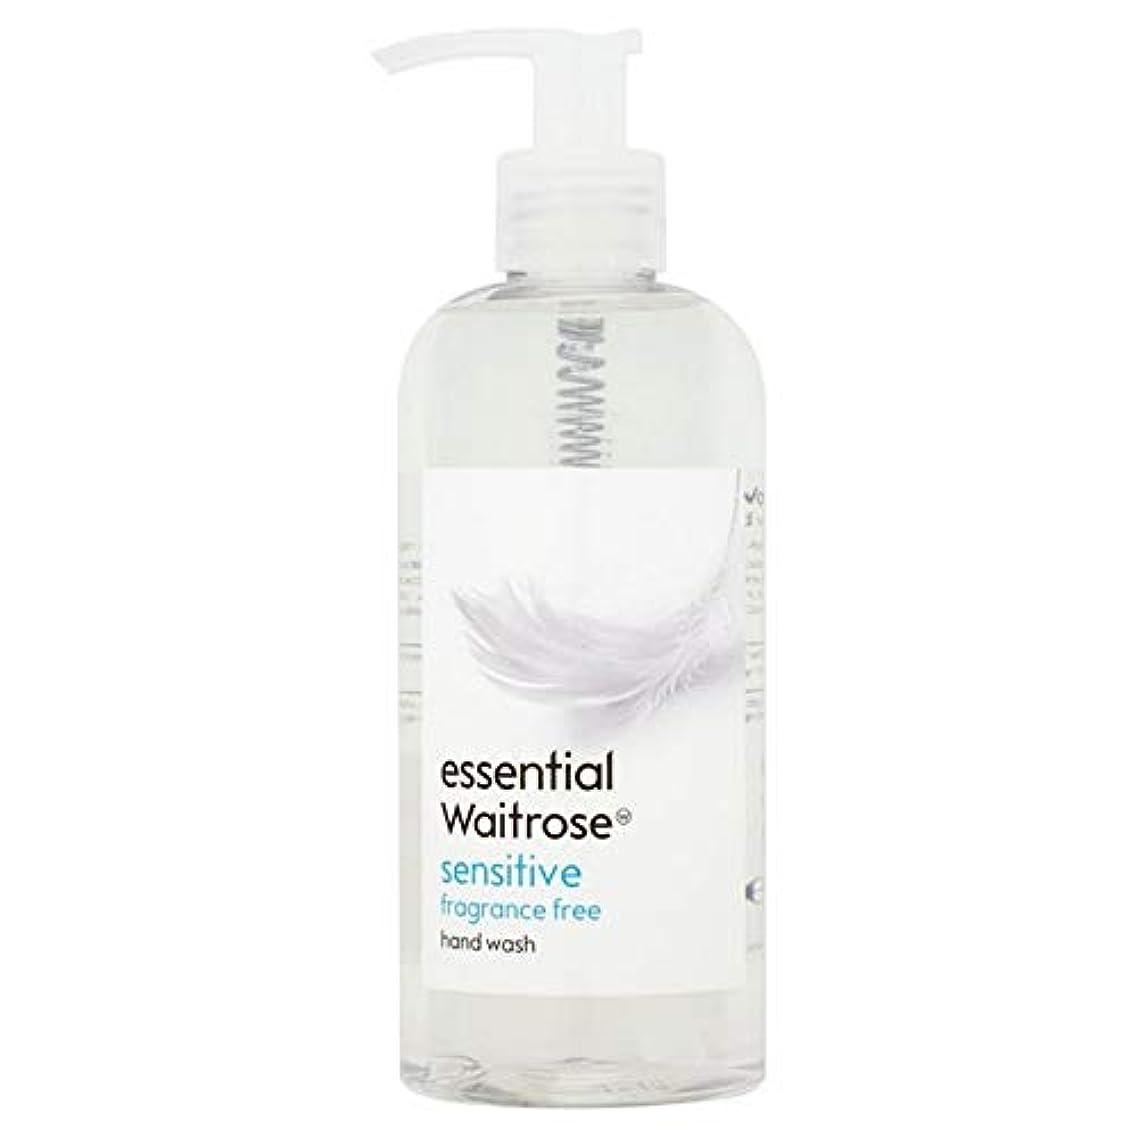 パシフィック配るブラジャー[Waitrose ] 基本的なウェイトローズのハンドウォッシュ敏感な300ミリリットル - Essential Waitrose Hand Wash Sensitive 300ml [並行輸入品]